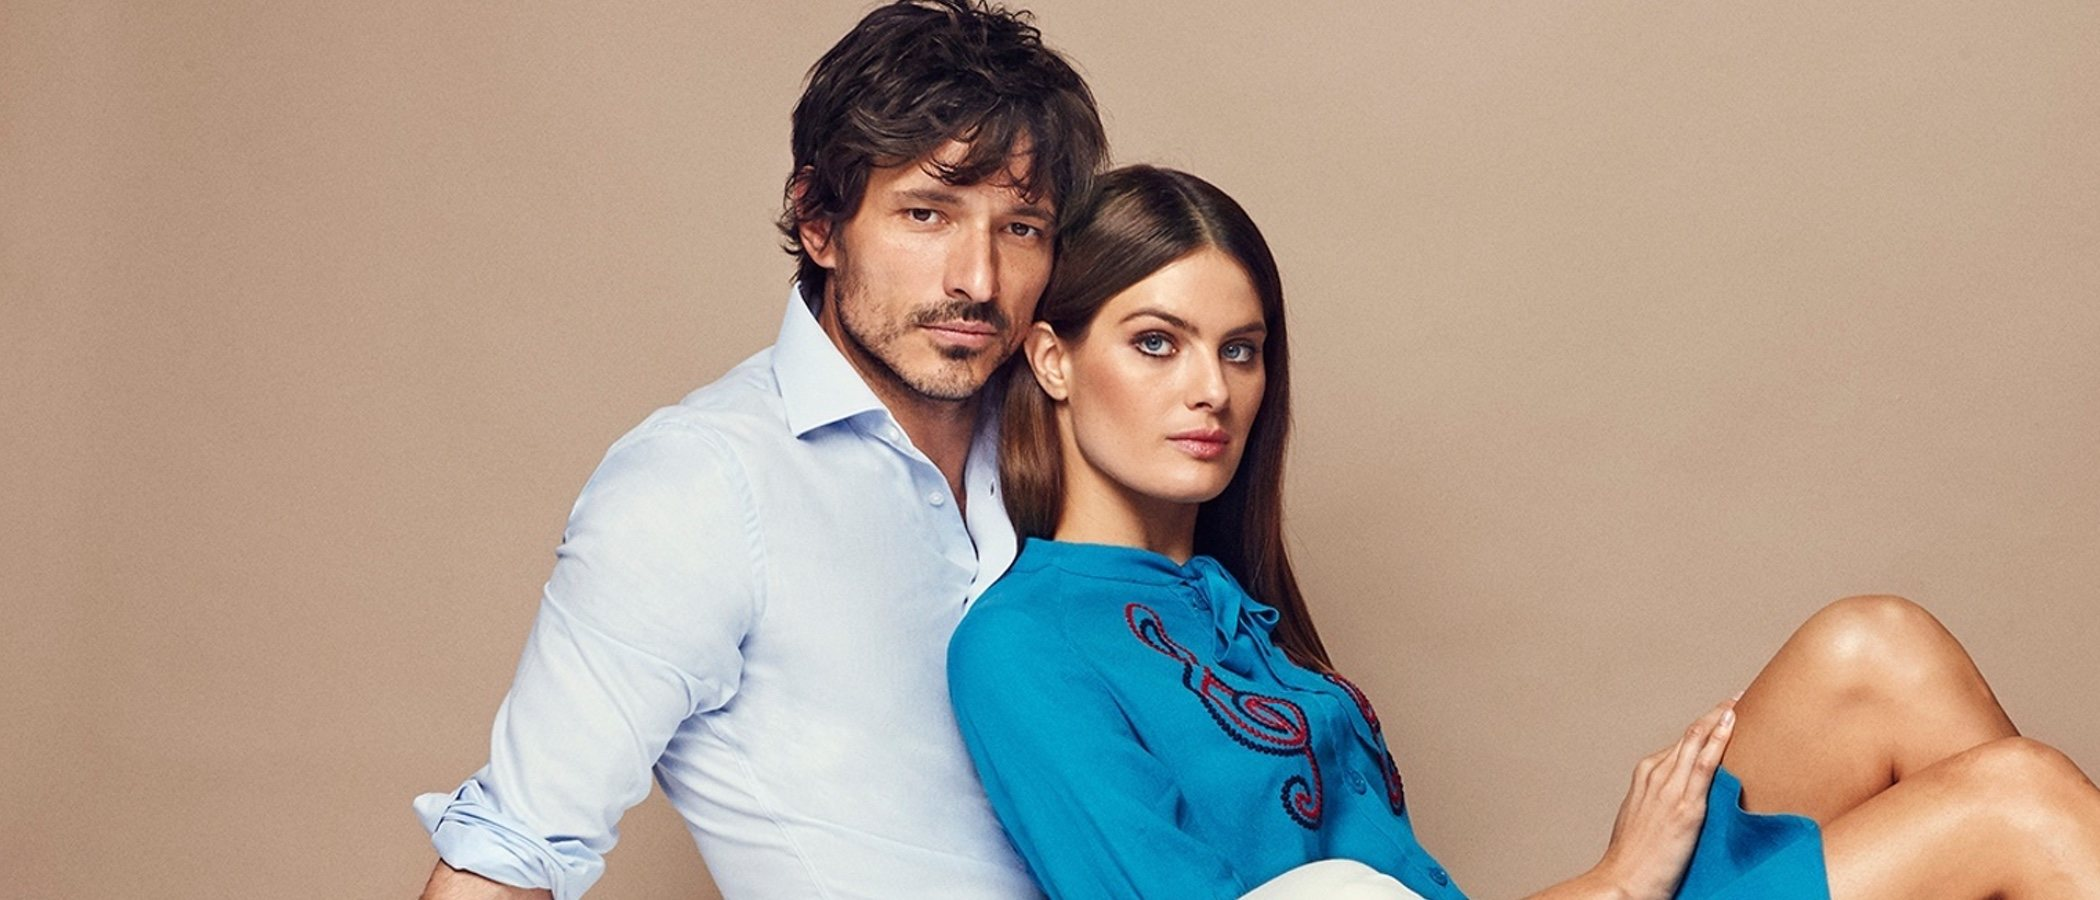 Isabeli Fontana y Andrés Velencoso, protagonistas de la nueva colección de Carmela Shoes